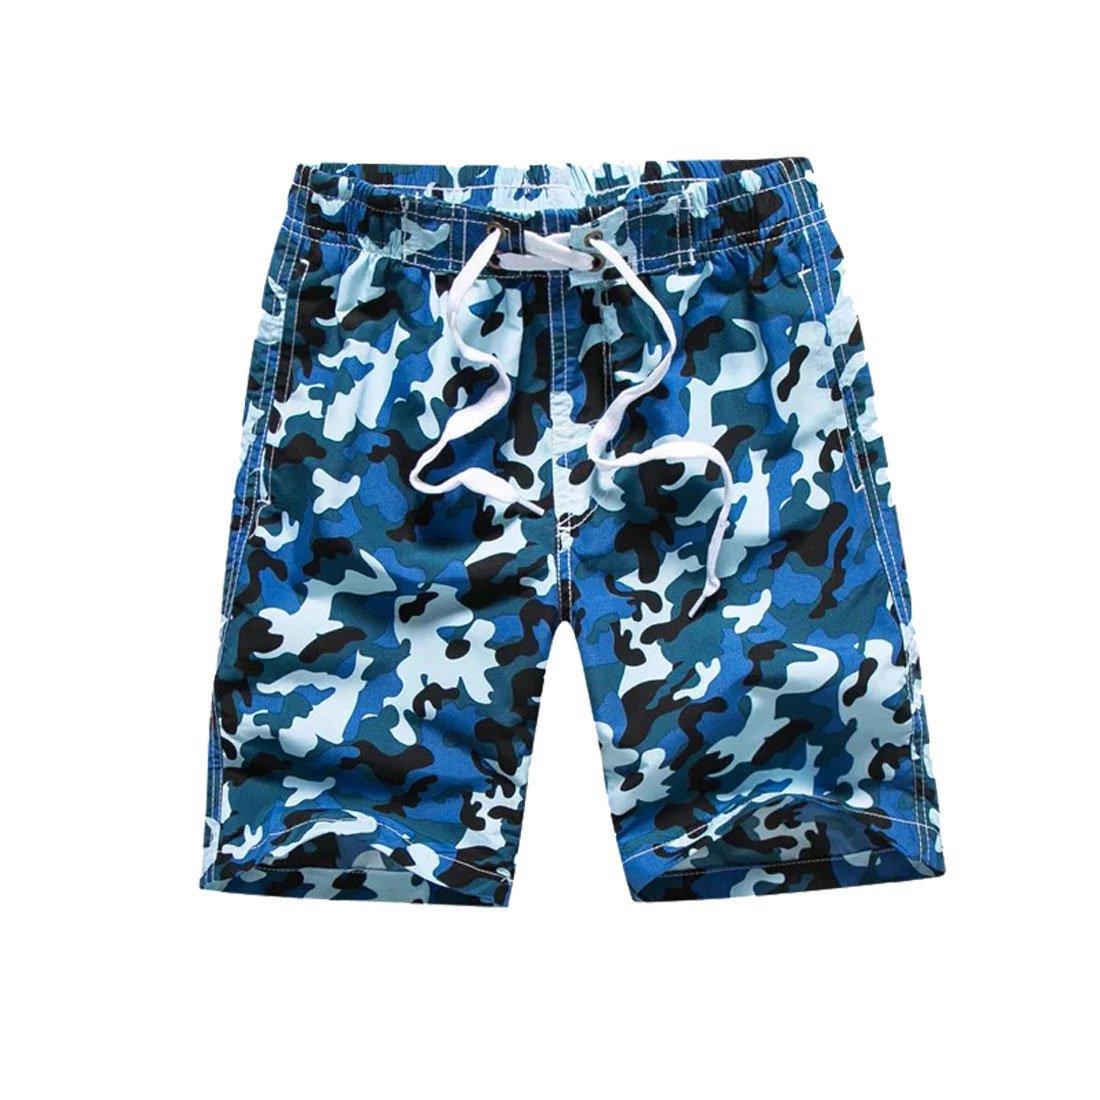 Warrlen Boy's Youth Camo Swim Trunks Shorts Swimsuit (Blue Camo, L)